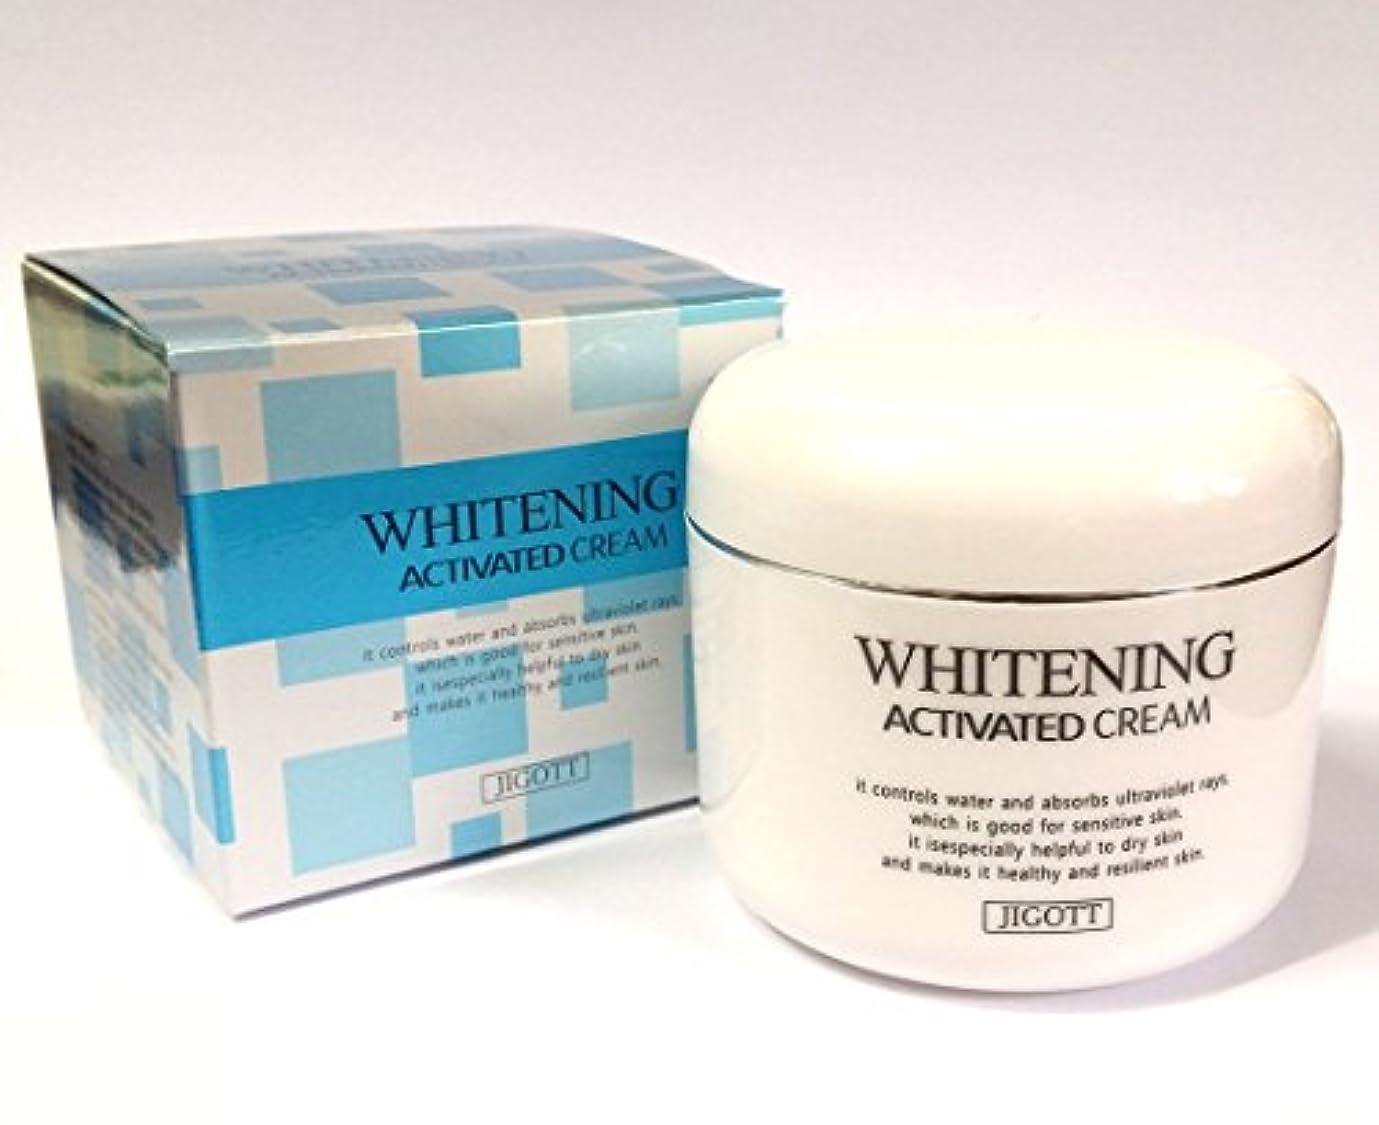 後ろに接続された管理します[JIGOTT] ホワイトニング活性化クリーム100ml/Whitening Activated Cream 100ml/潤い、滑らか、明るい/韓国の化粧品/moisture,smooth,bright/Korean Cosmetics (3EA) [並行輸入品]